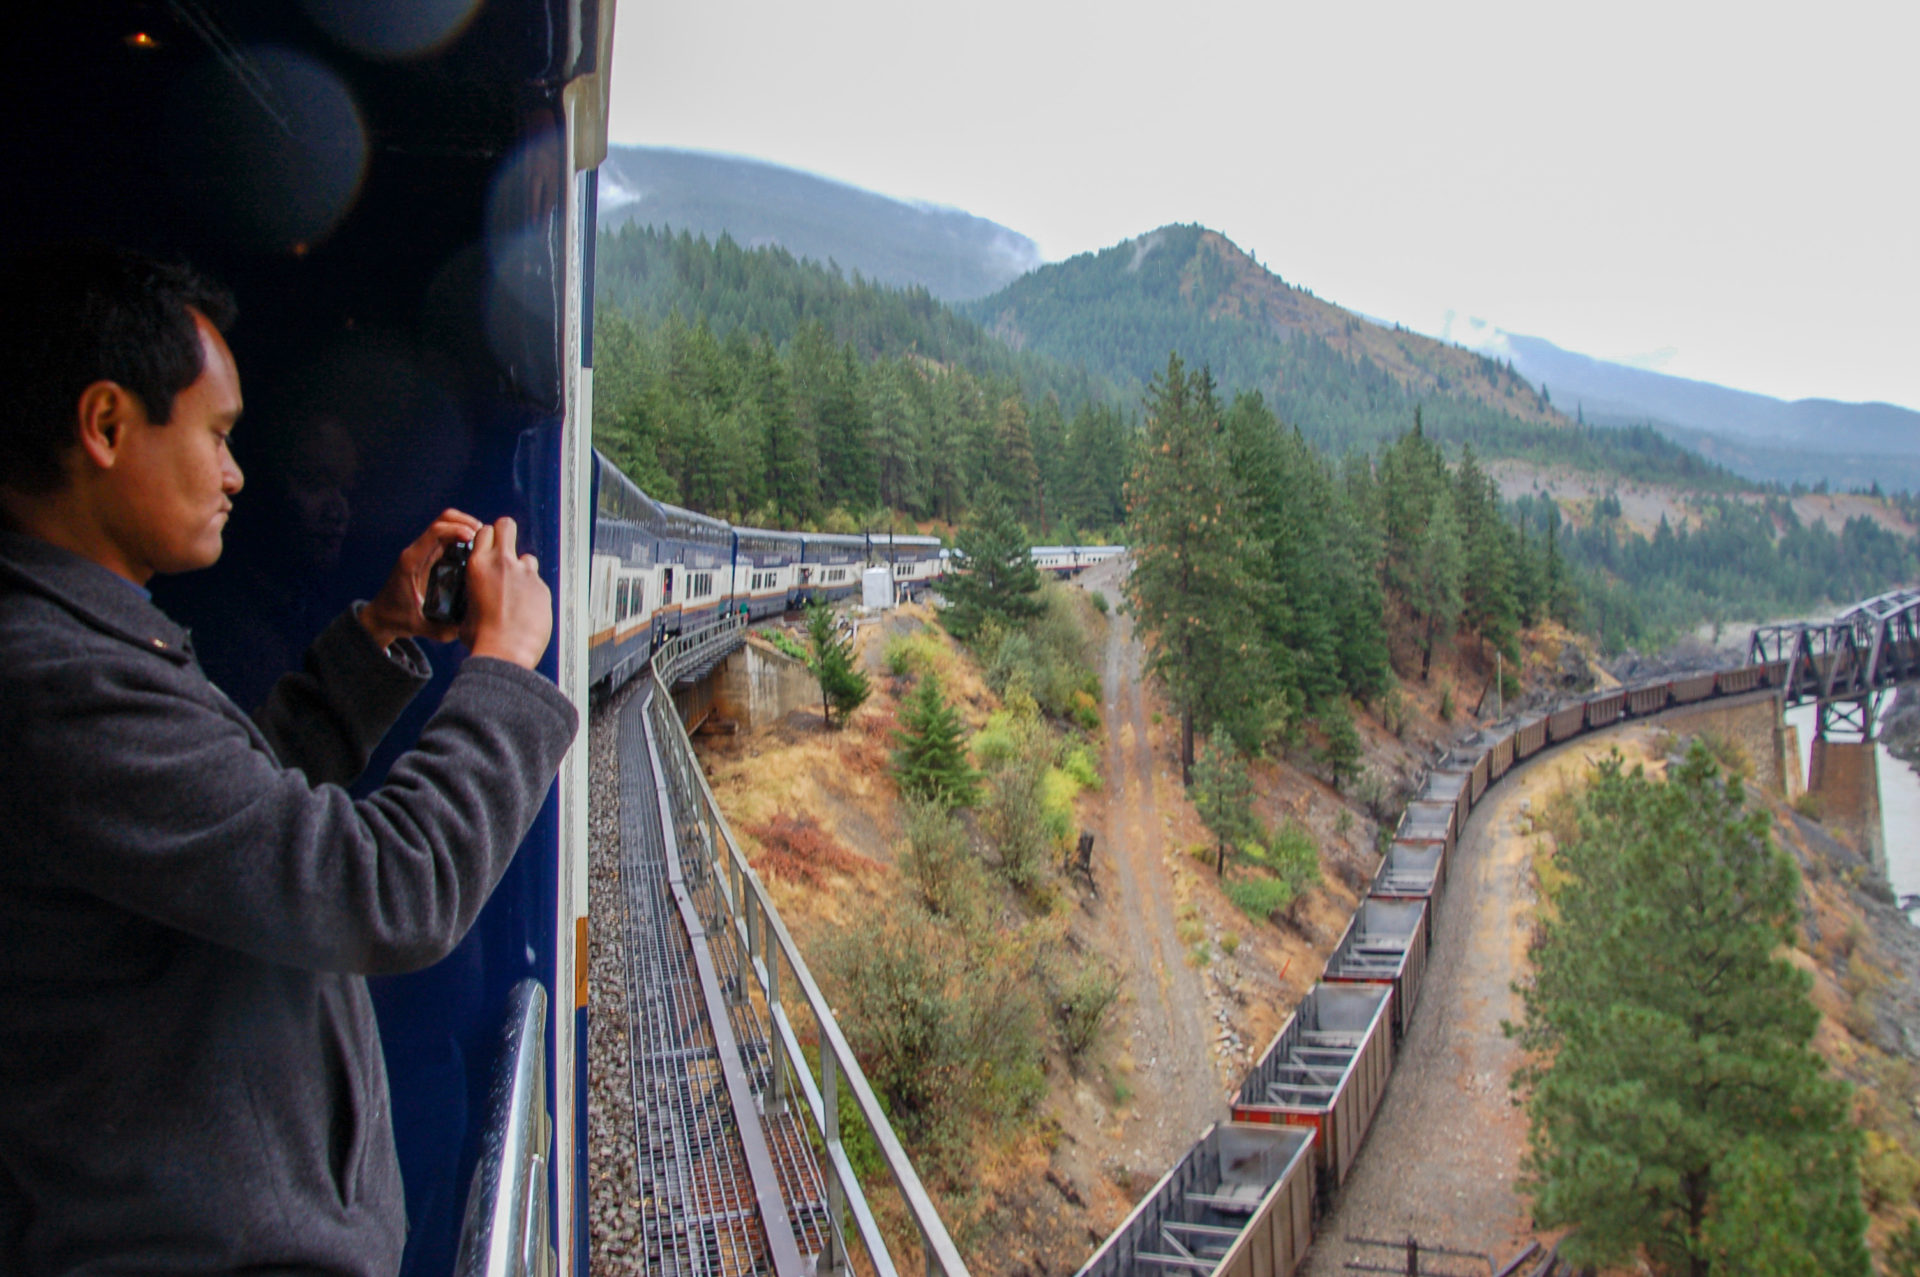 Wer mit dem Rocky Mountaineer durch Kanada fährt, kommt auch an Zugkreuzungen vorbei